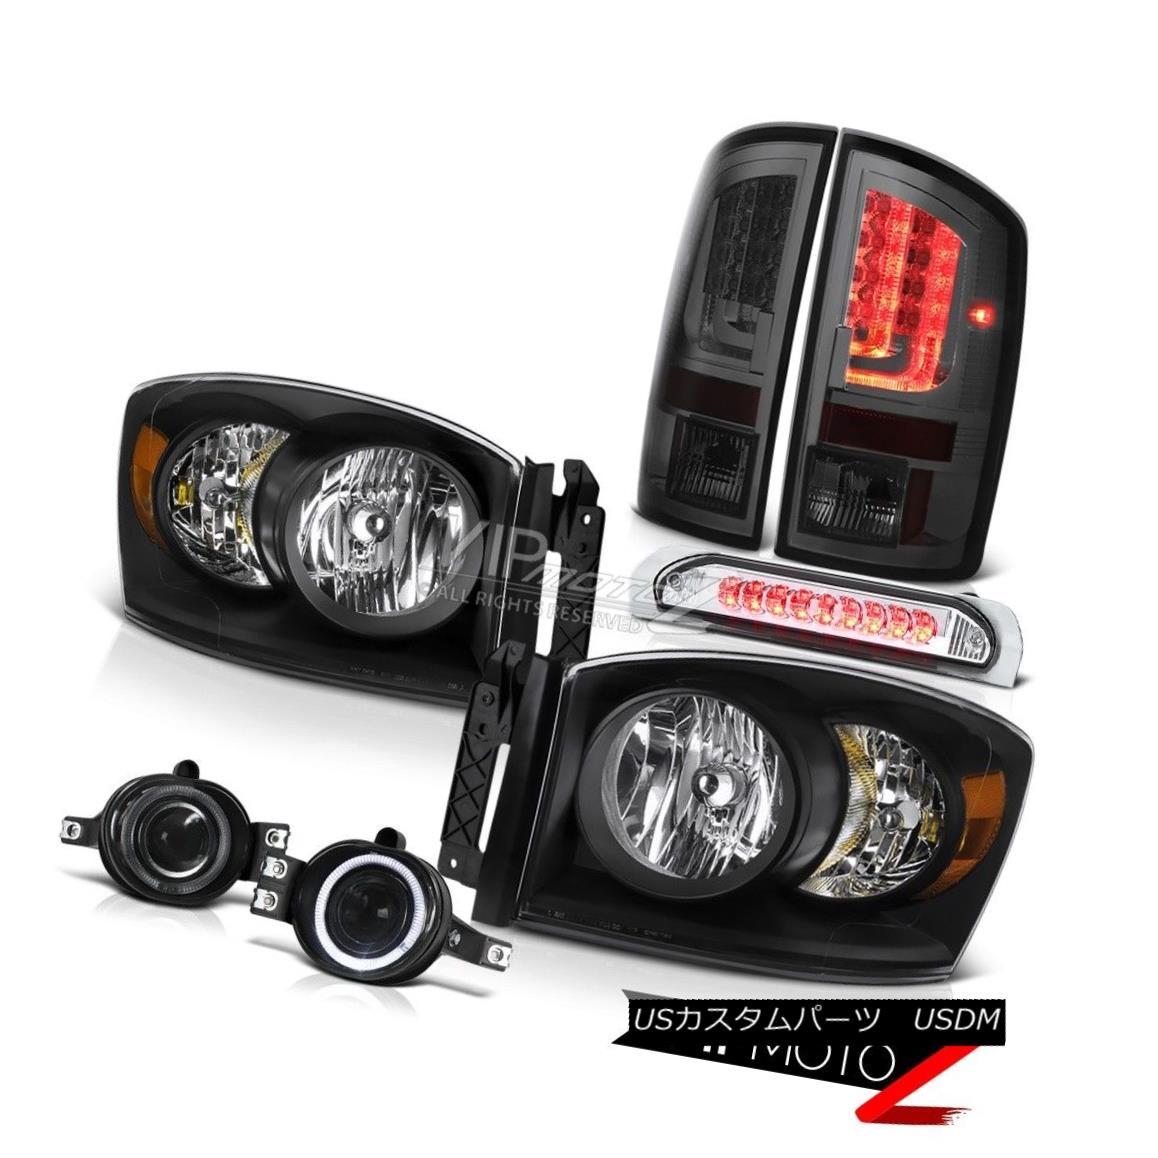 ヘッドライト 2006 Ram 4.7L Smokey Tail Brake Lamps Black Headlights Fog 3RD Lamp Tron STyle 2006ラム4.7Lスモーキーテールブレーキランプブラックヘッドライトフォグ3RDランプトロンSTyle